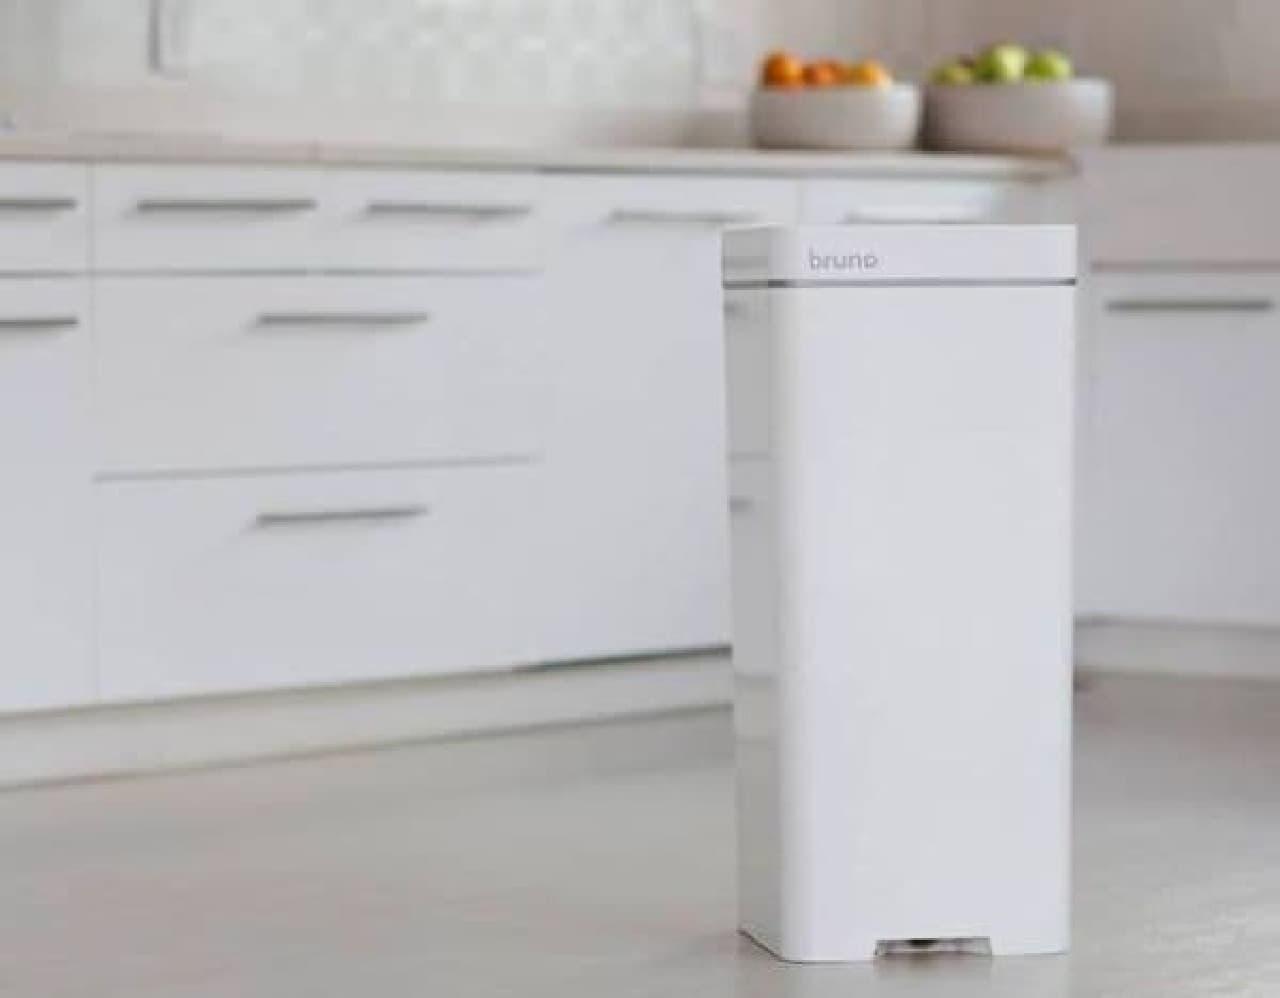 掃き掃除の手間を減らすゴミ箱「Bruno」